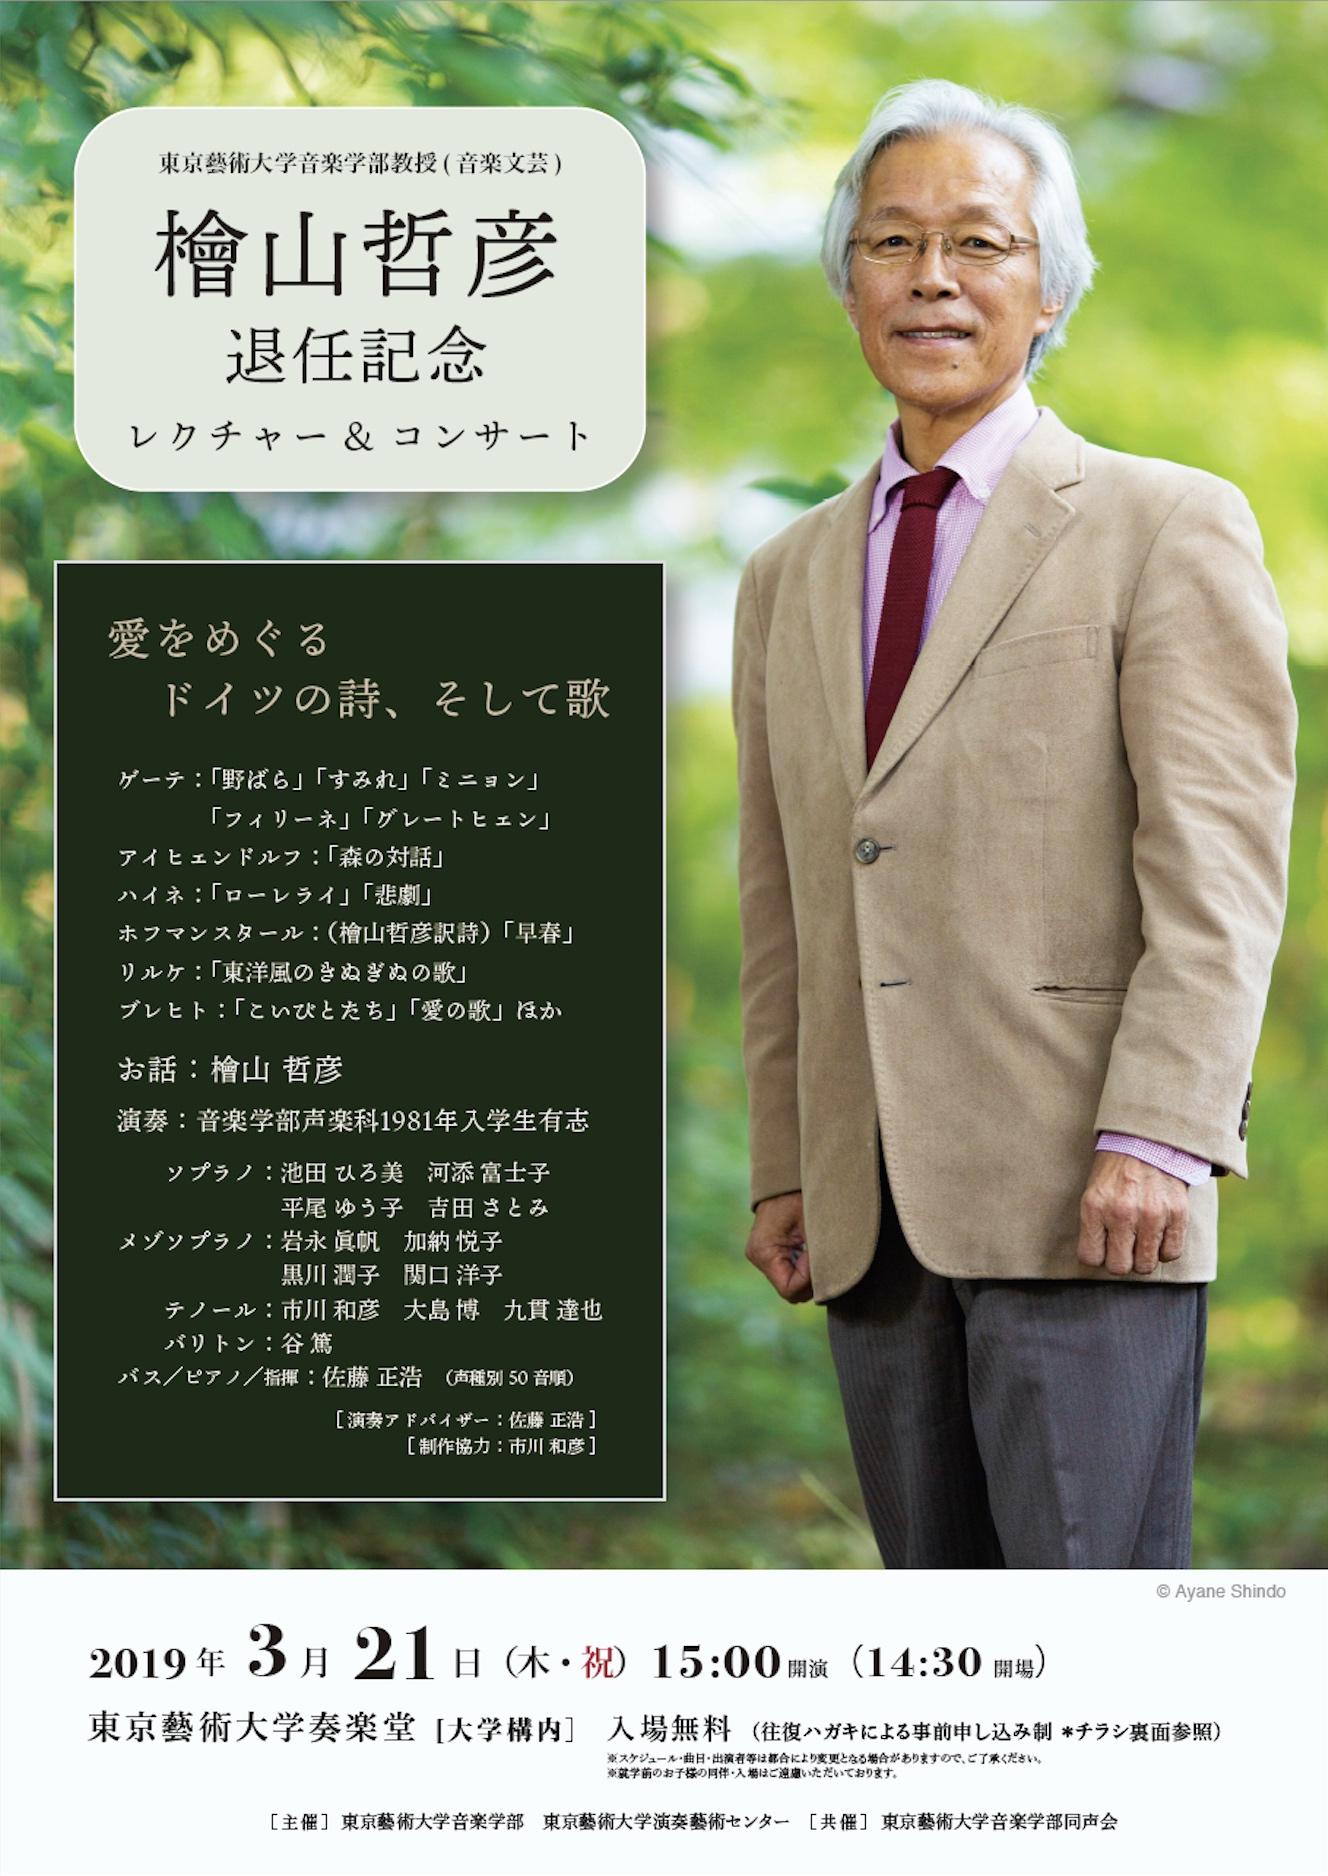 檜山哲彦 退任記念レクチャー& コンサート「愛をめぐるドイツの詩、そして歌」